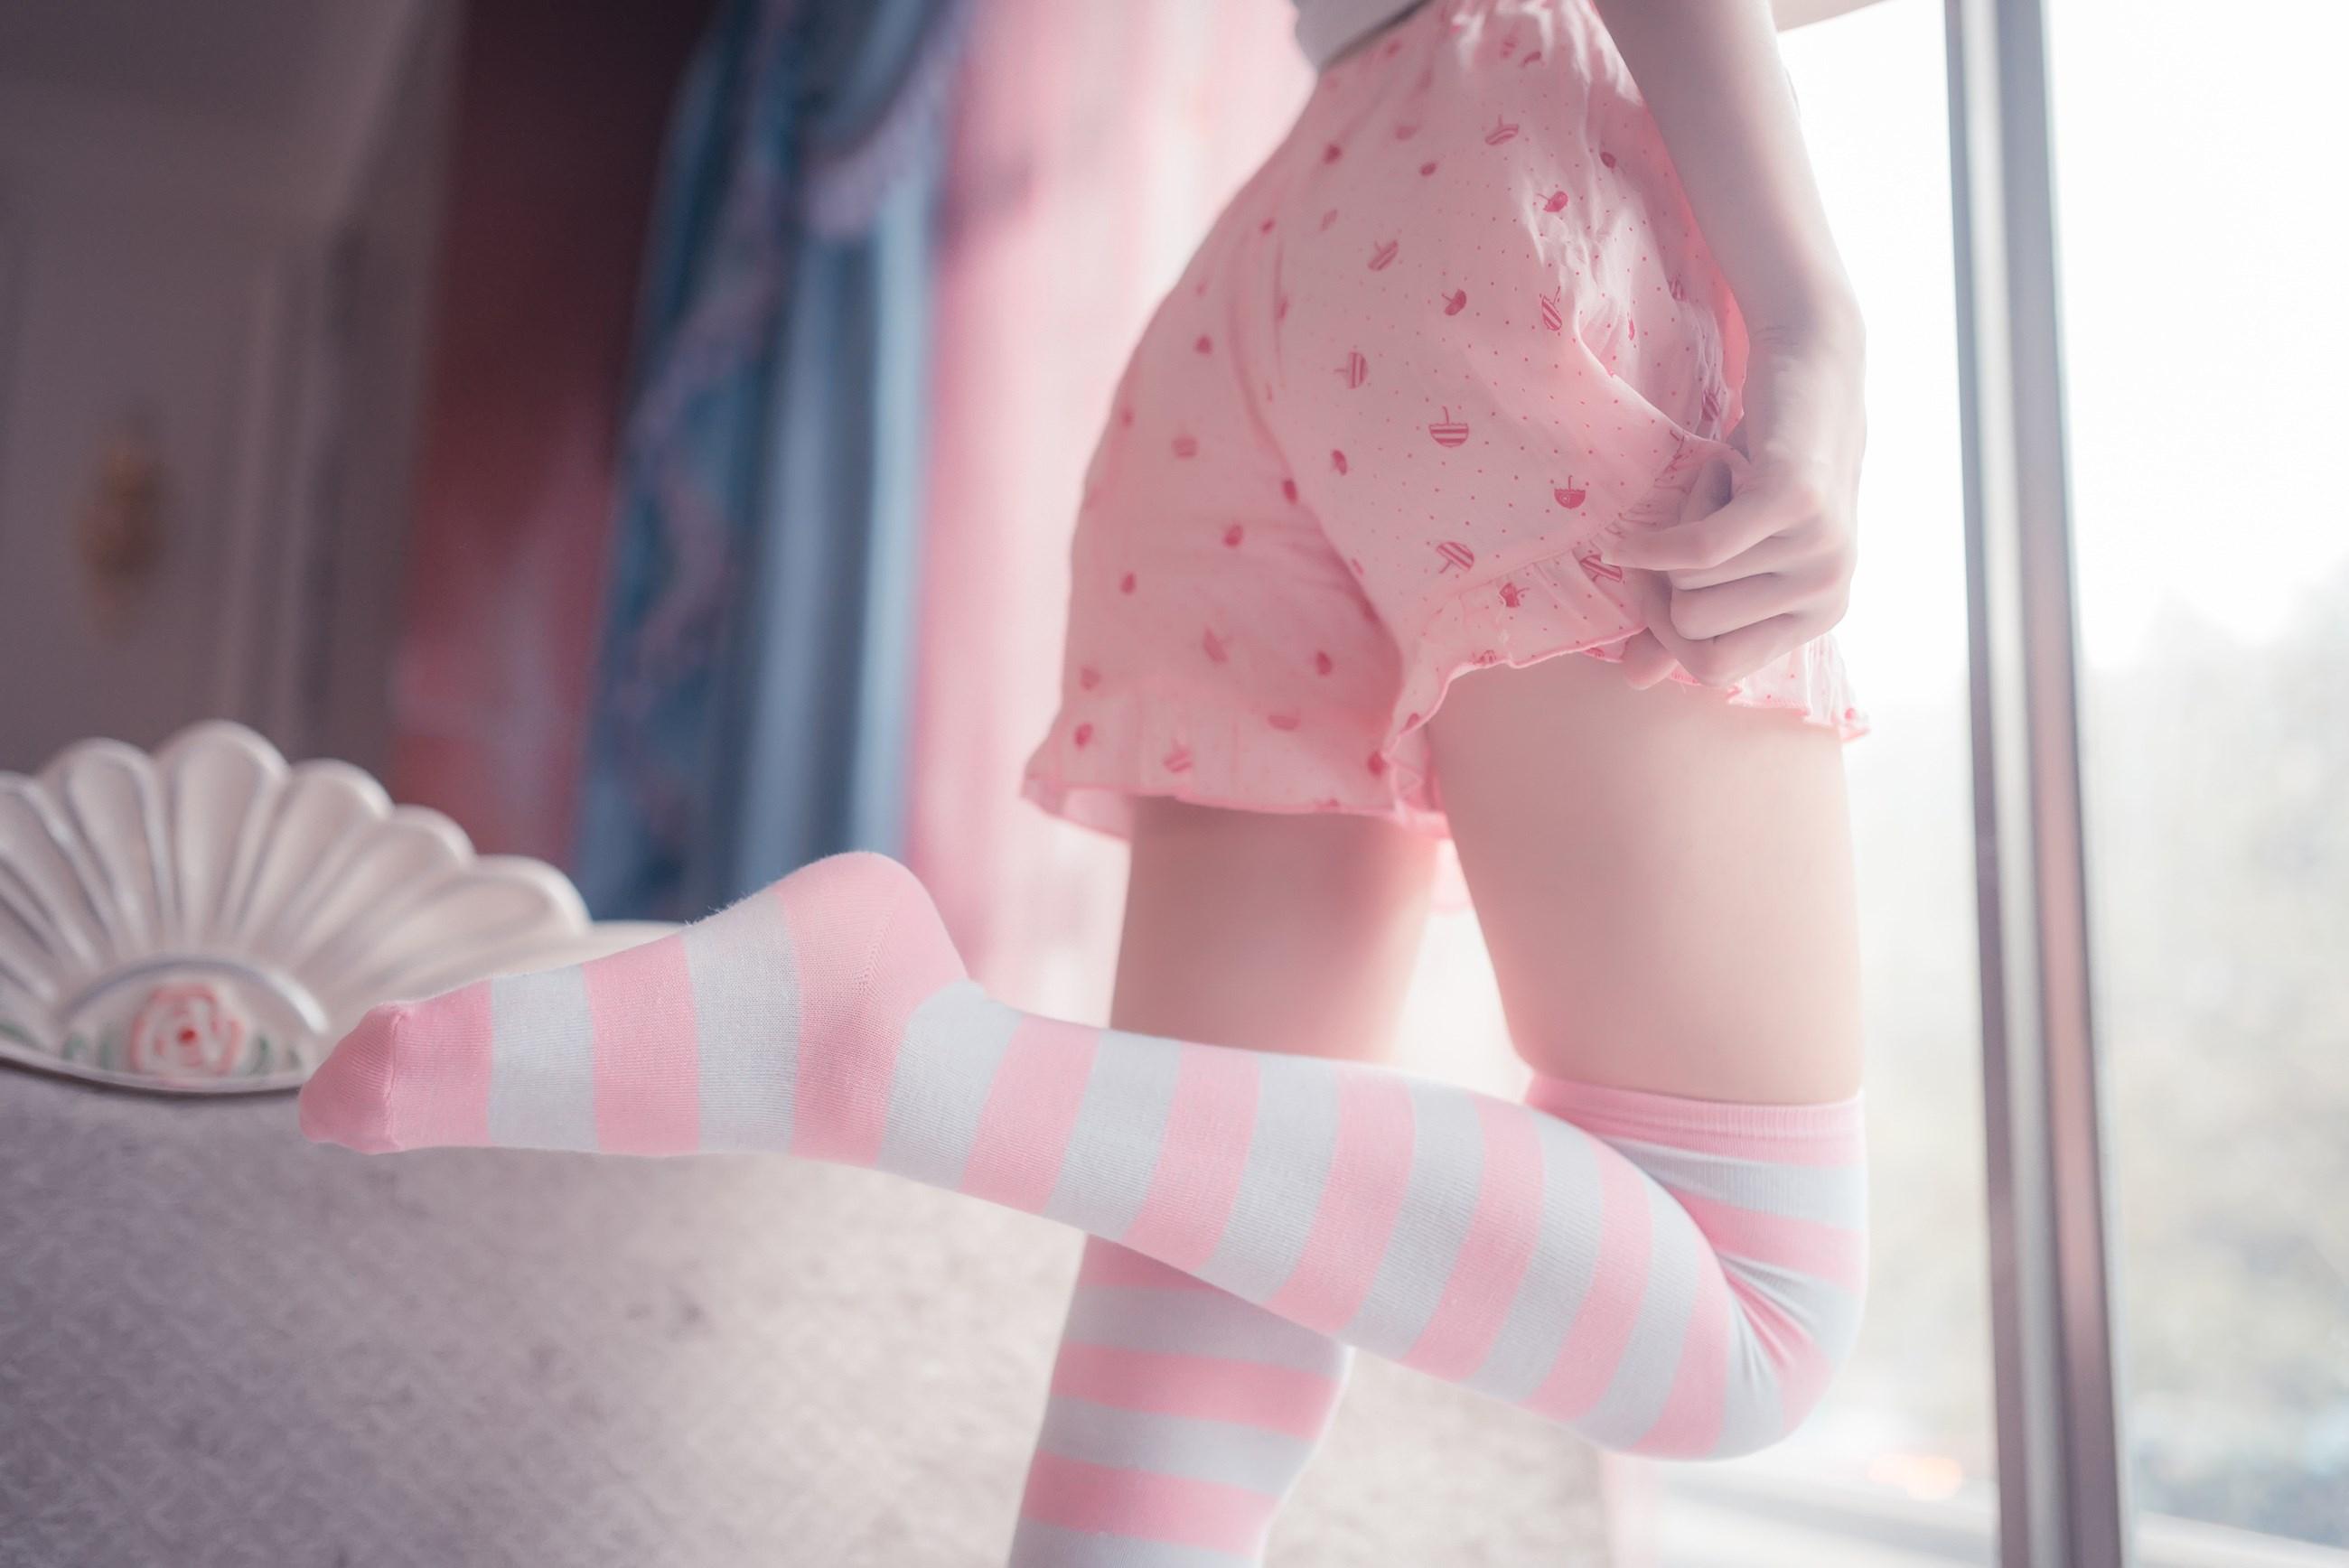 【兔玩映画】粉白条纹 兔玩映画 第14张